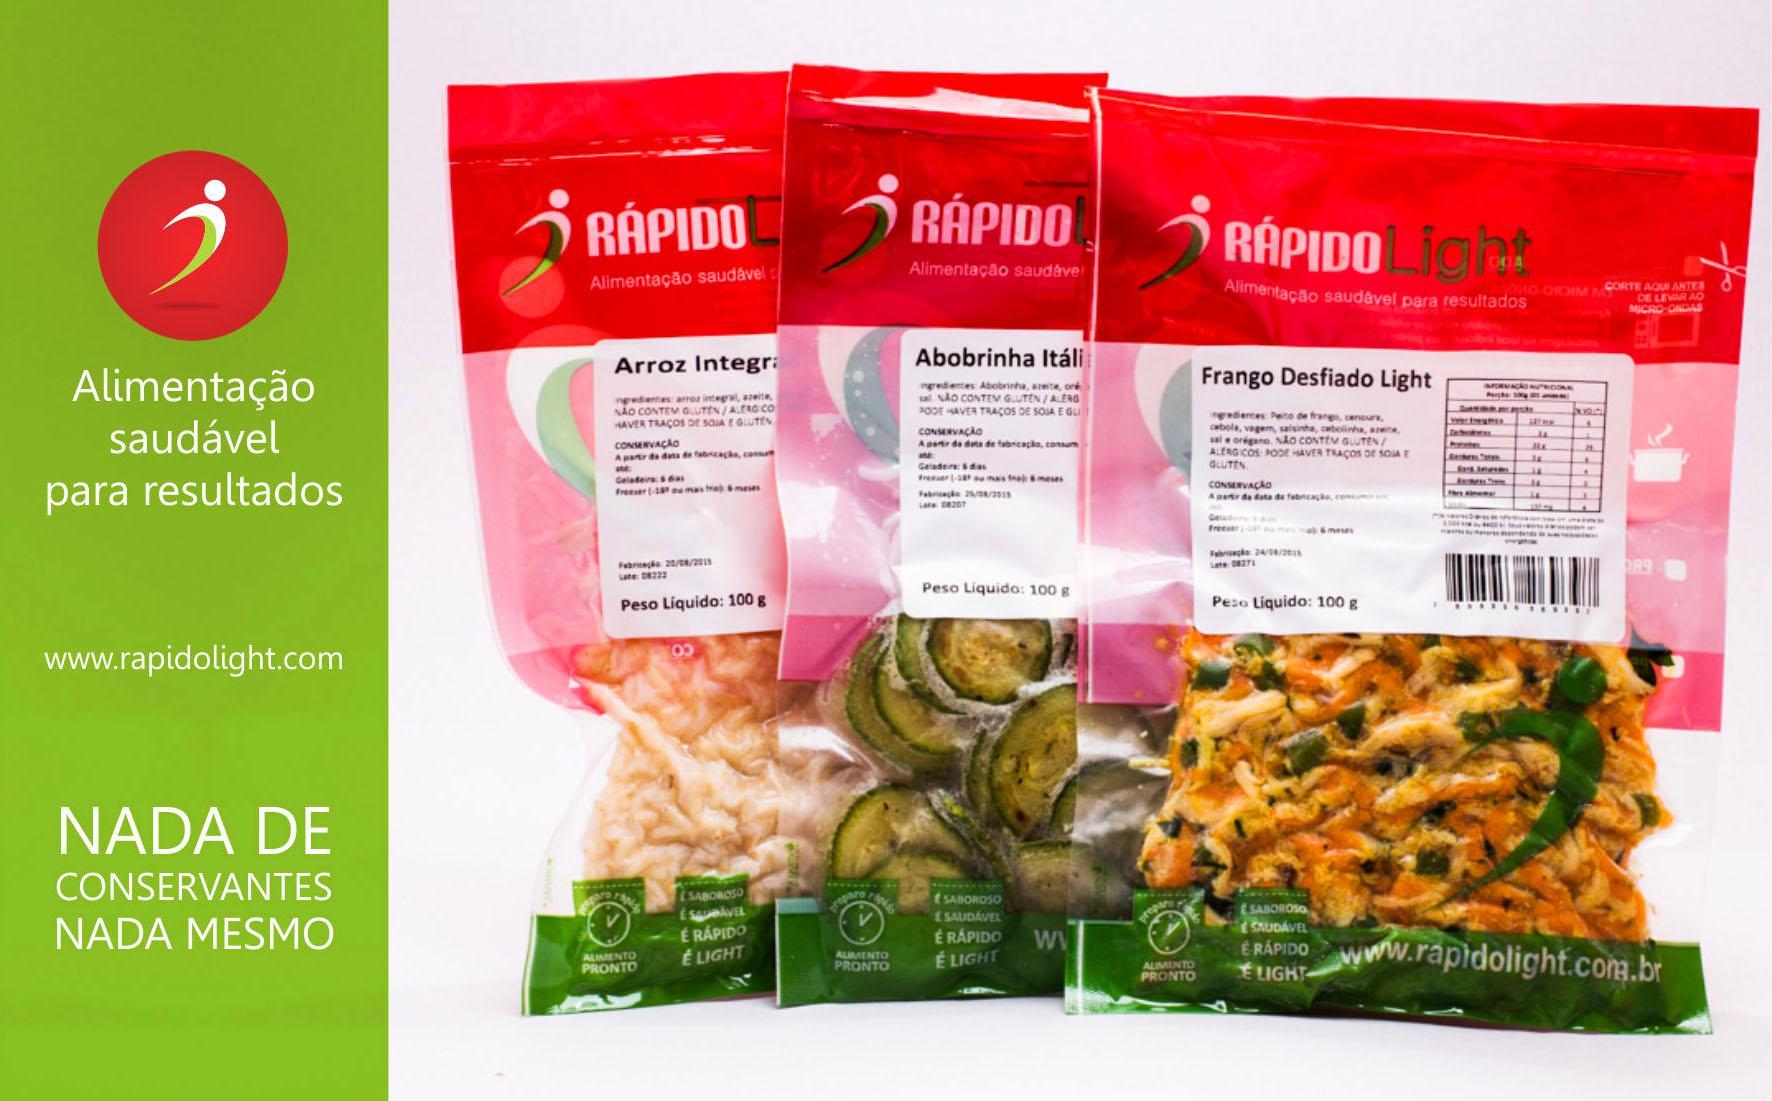 Produtos Rápido Light: porções individualizadas de cada alimento